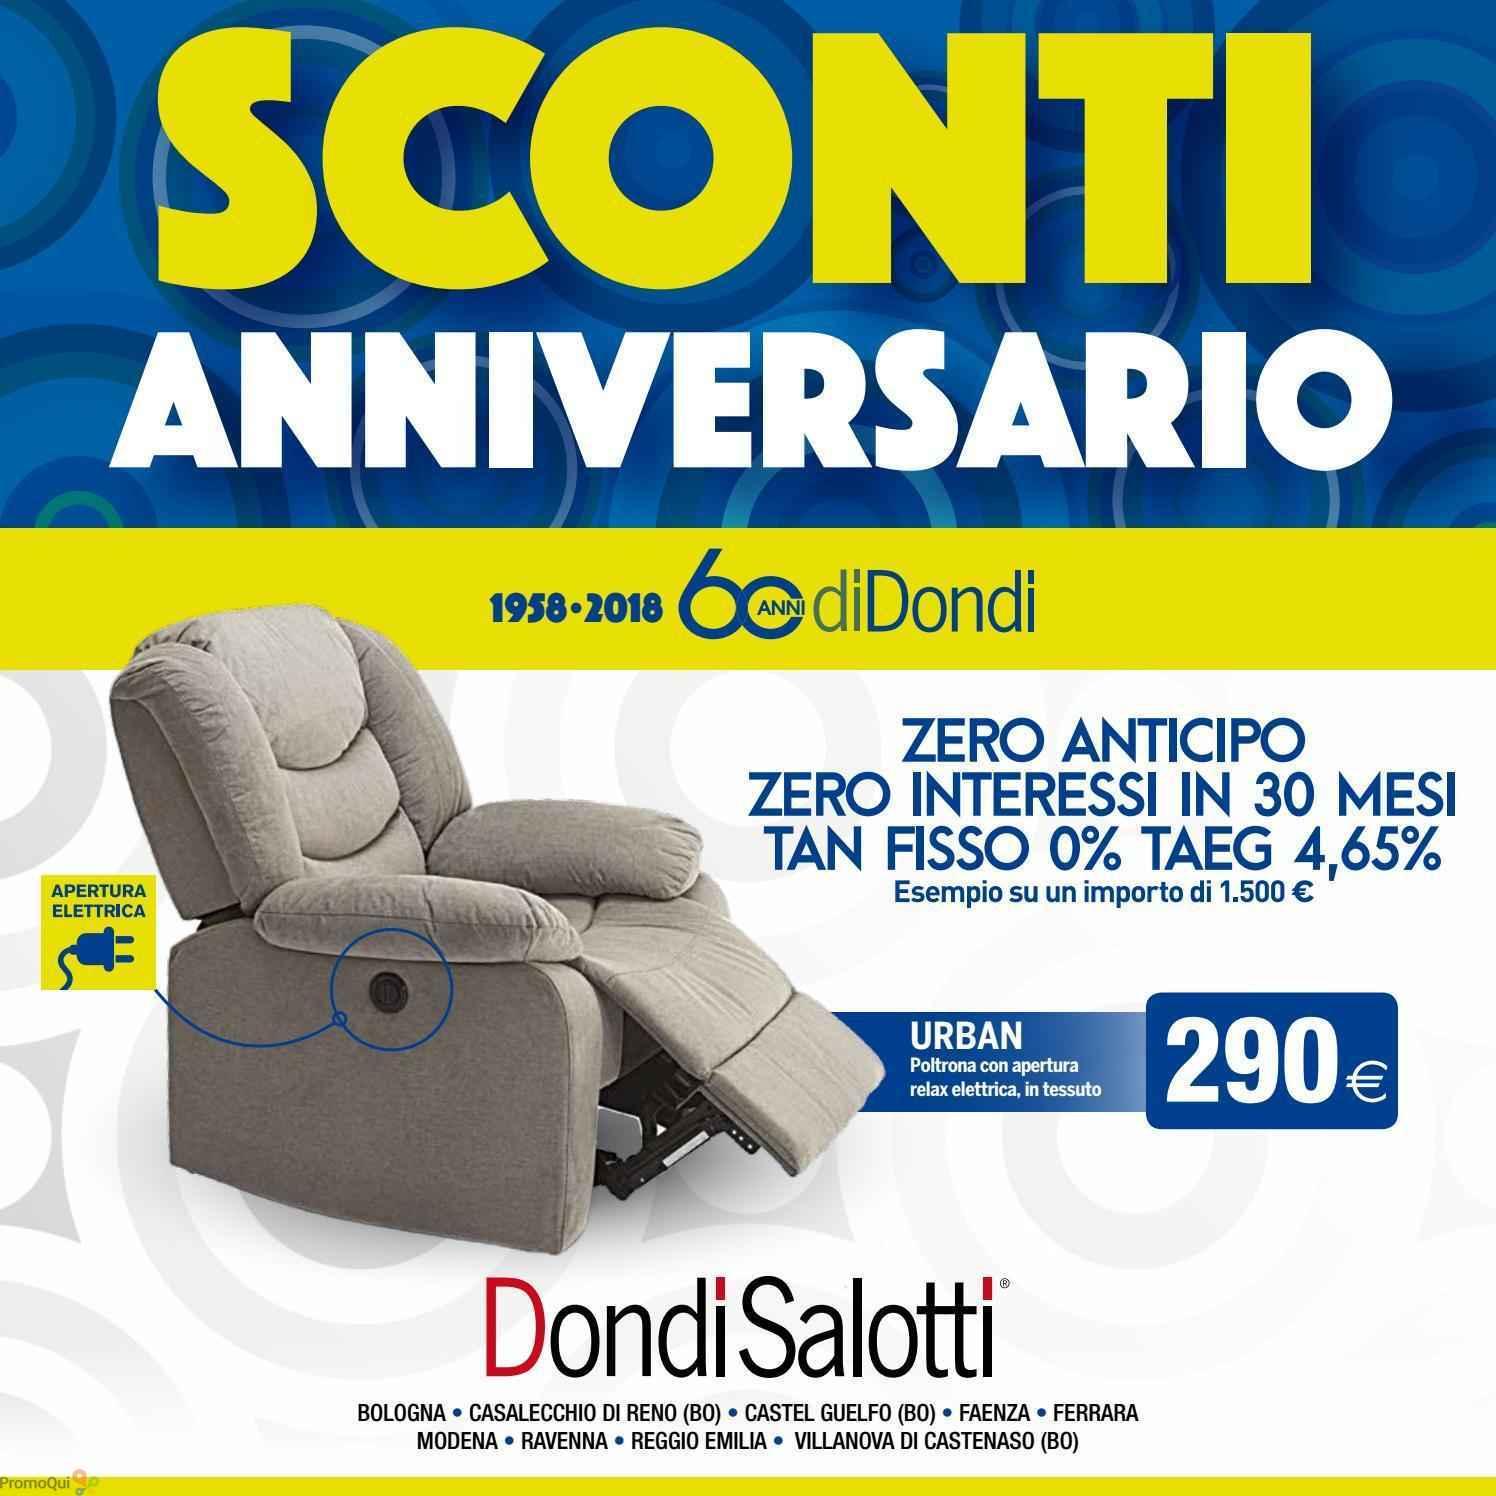 Volantino Dondi Salotti - Sconti anniversario - offerte Arredamento